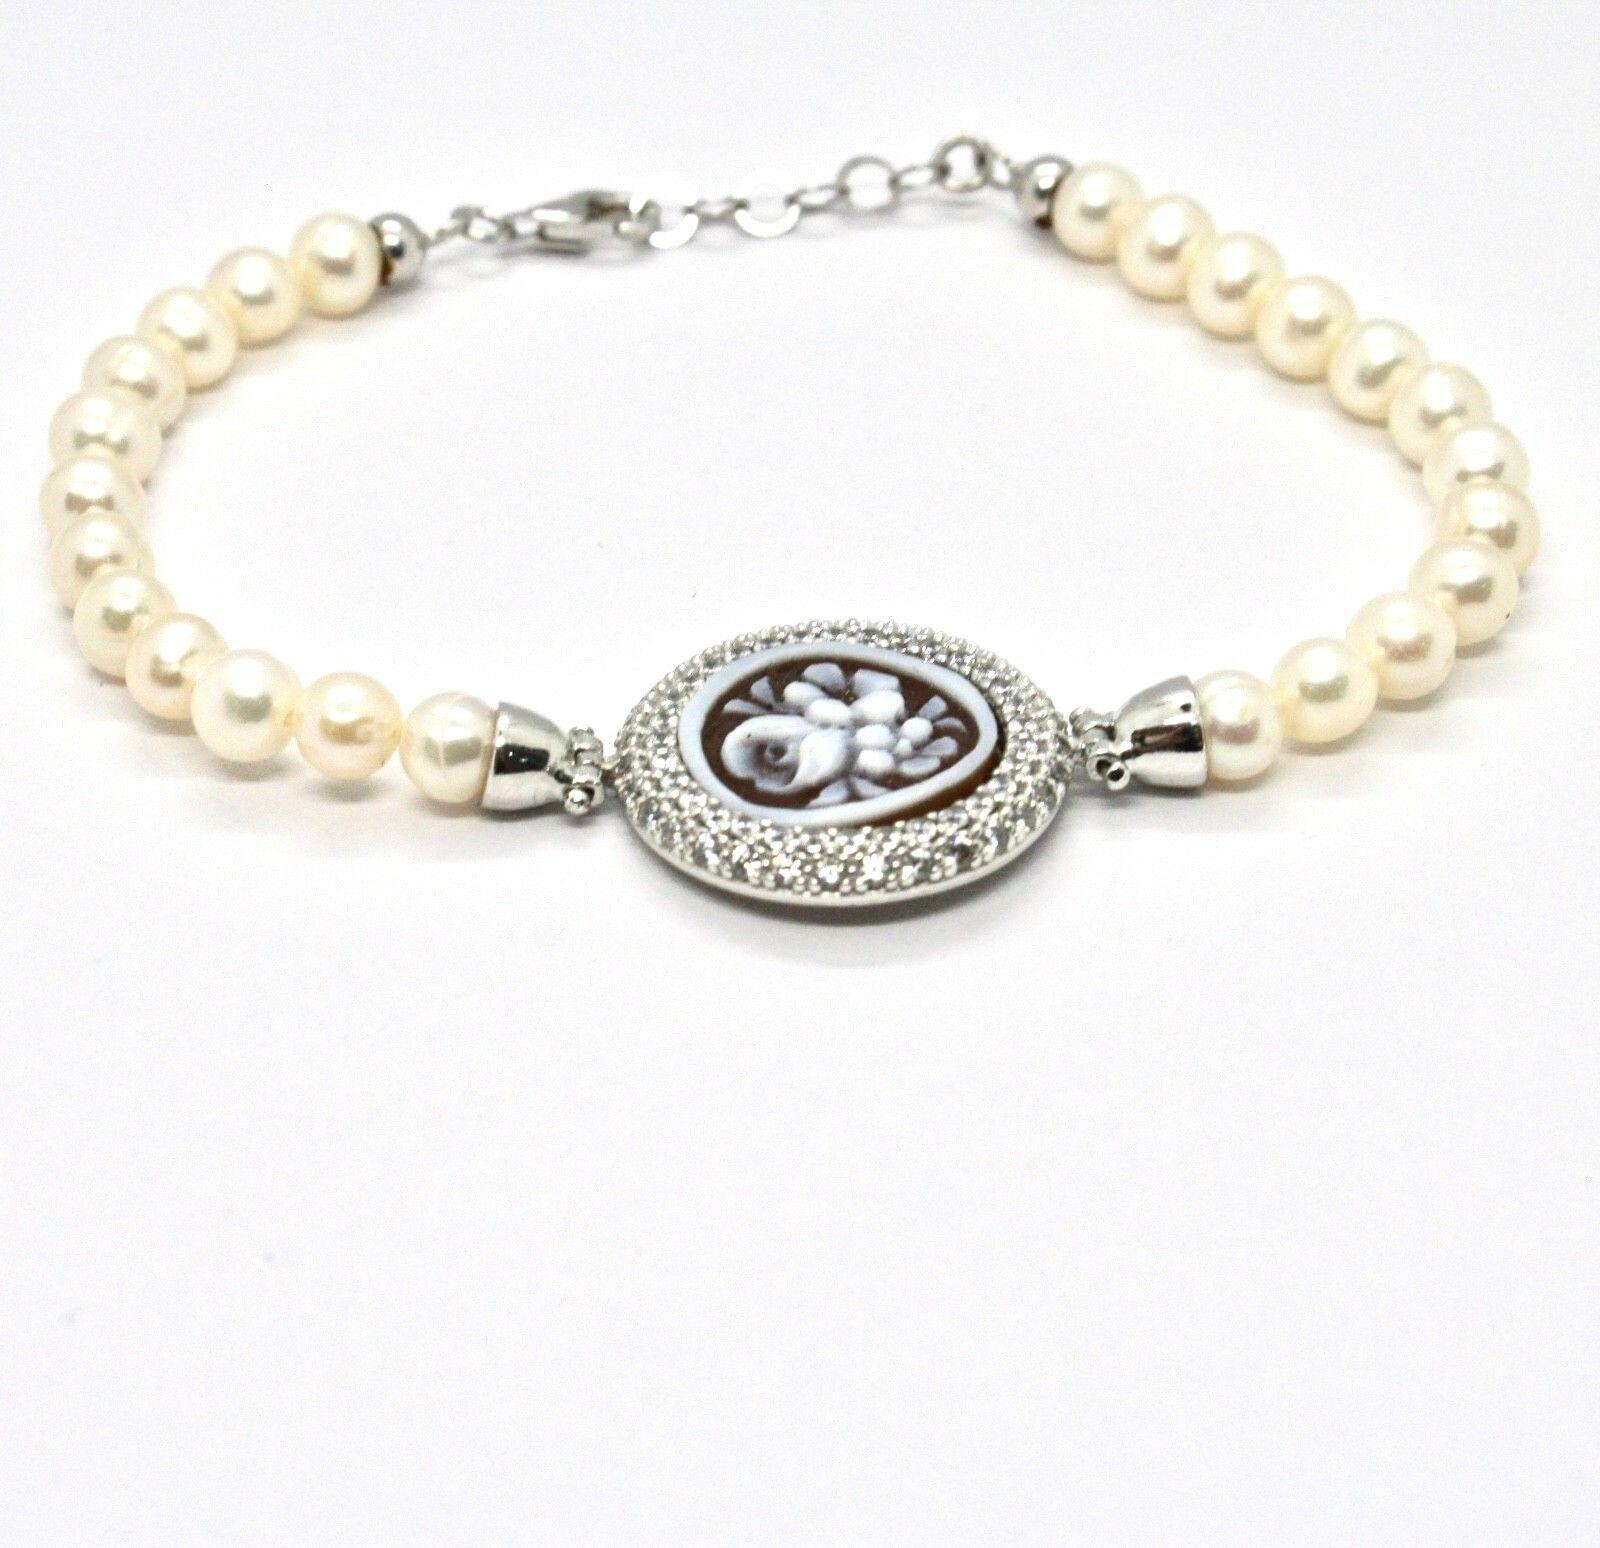 Armband 925 Silber mit Perlen Wasser Dolce Kamee Kamee Zirkonia Kubische image 2